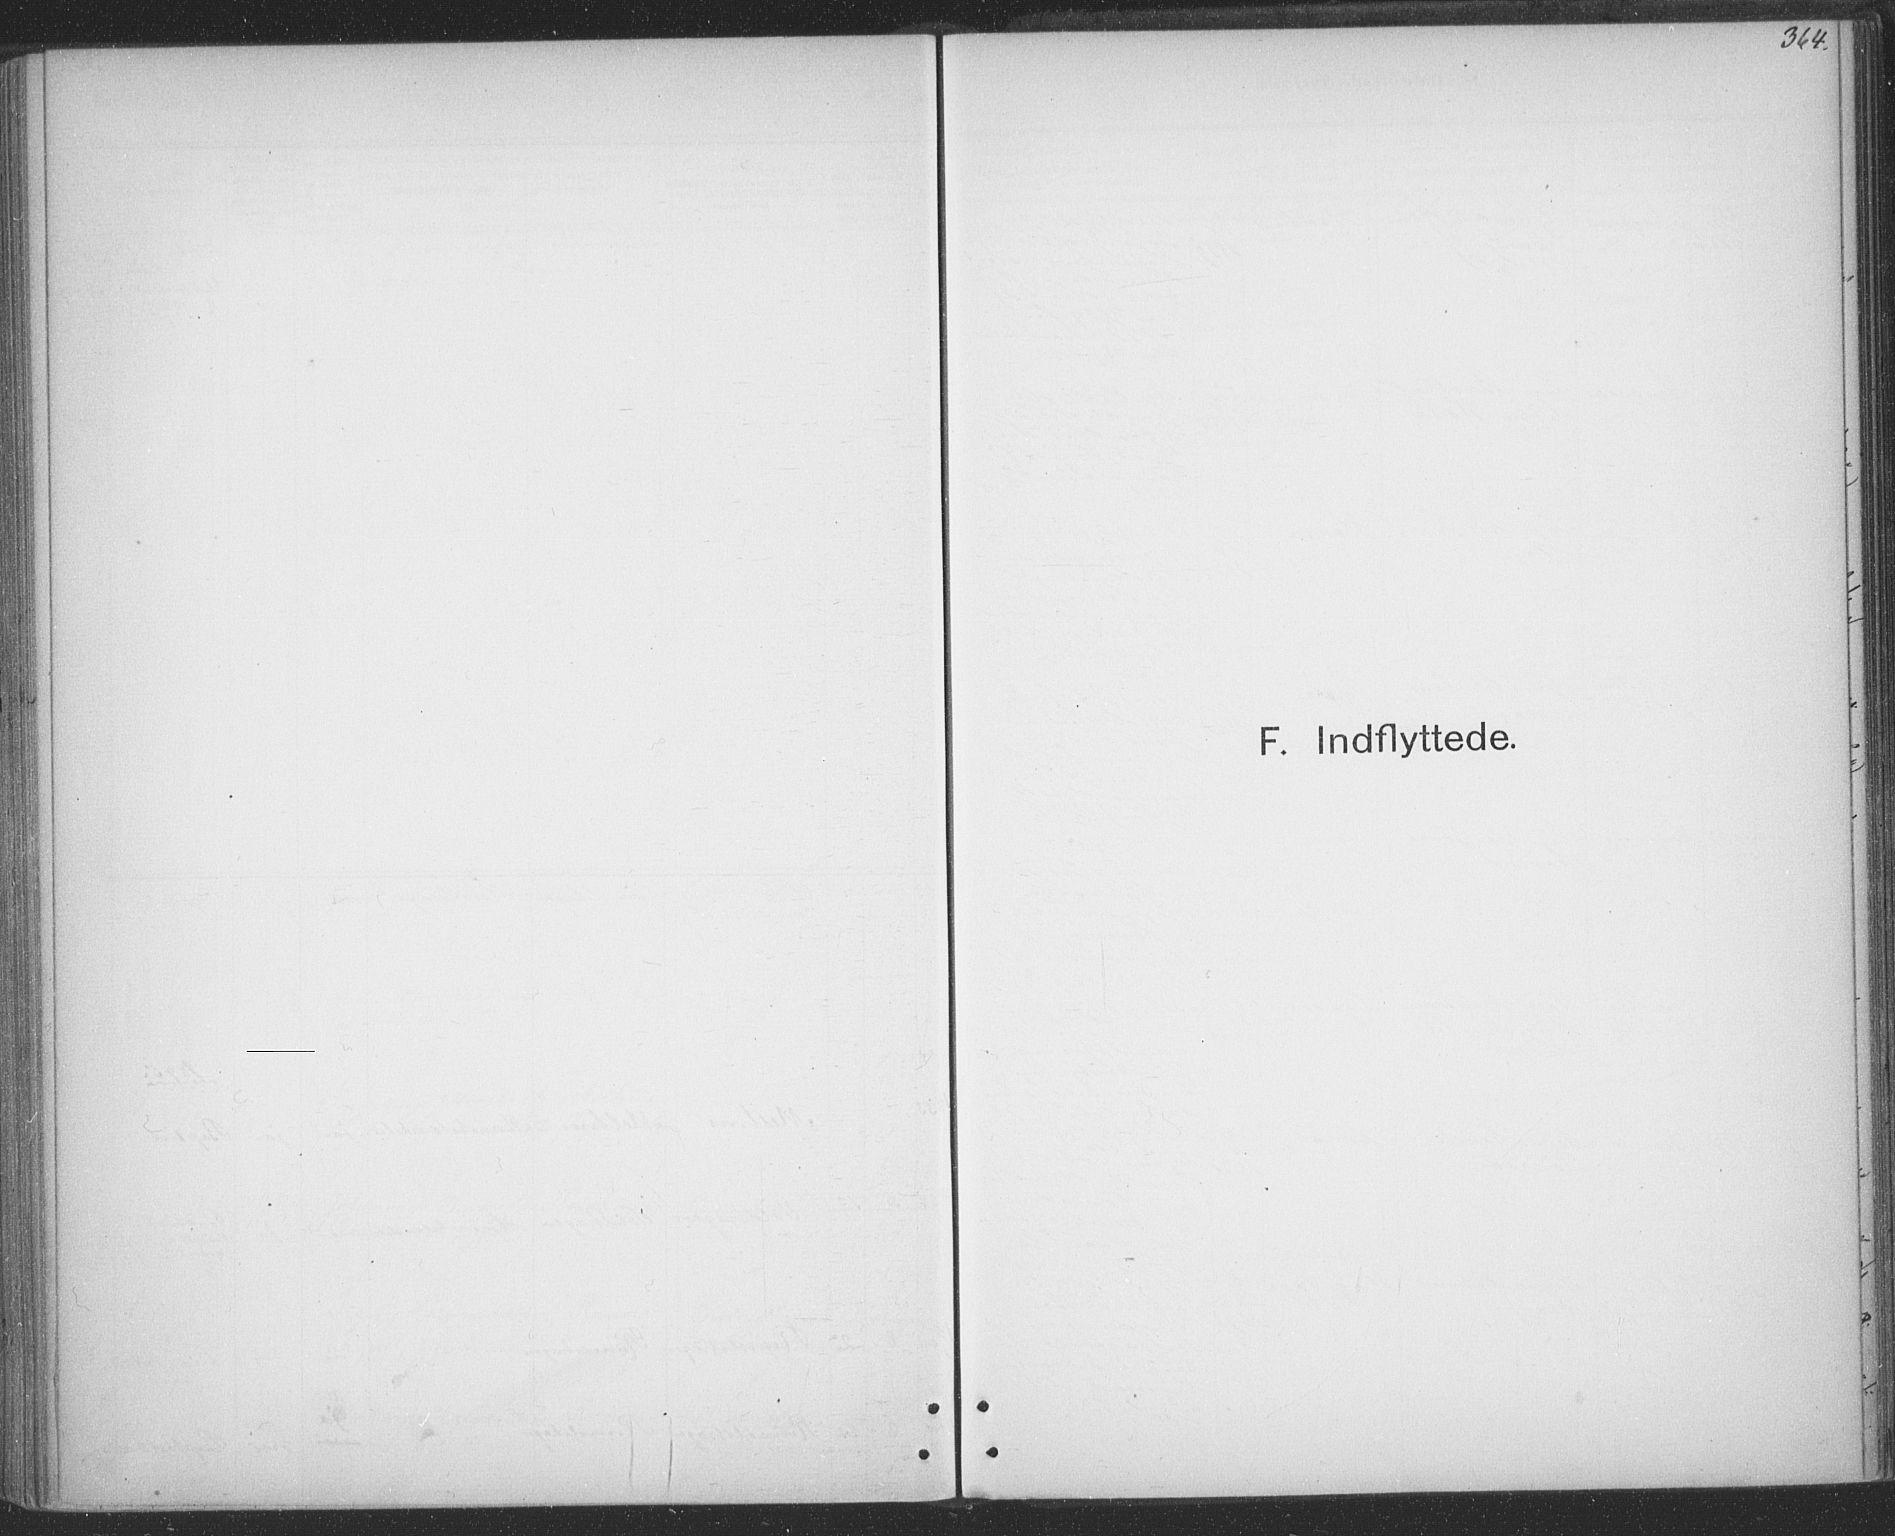 SAT, Ministerialprotokoller, klokkerbøker og fødselsregistre - Sør-Trøndelag, 691/L1085: Ministerialbok nr. 691A17, 1887-1908, s. 364